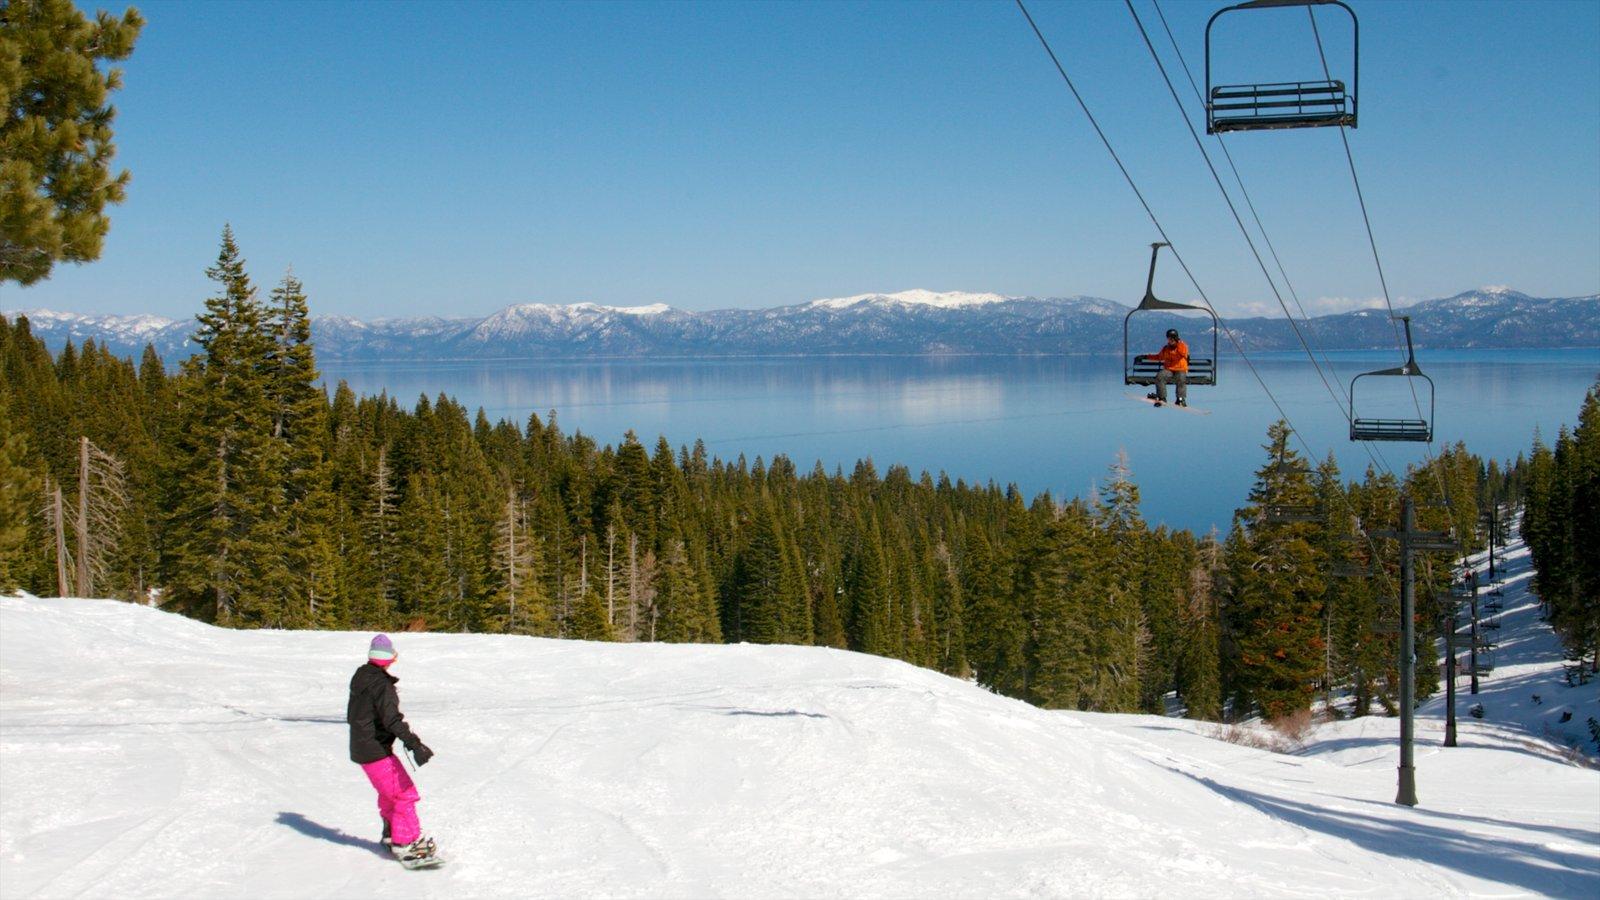 Homewood Mountain Resort que incluye montañas, nieve y esquiar en la nieve